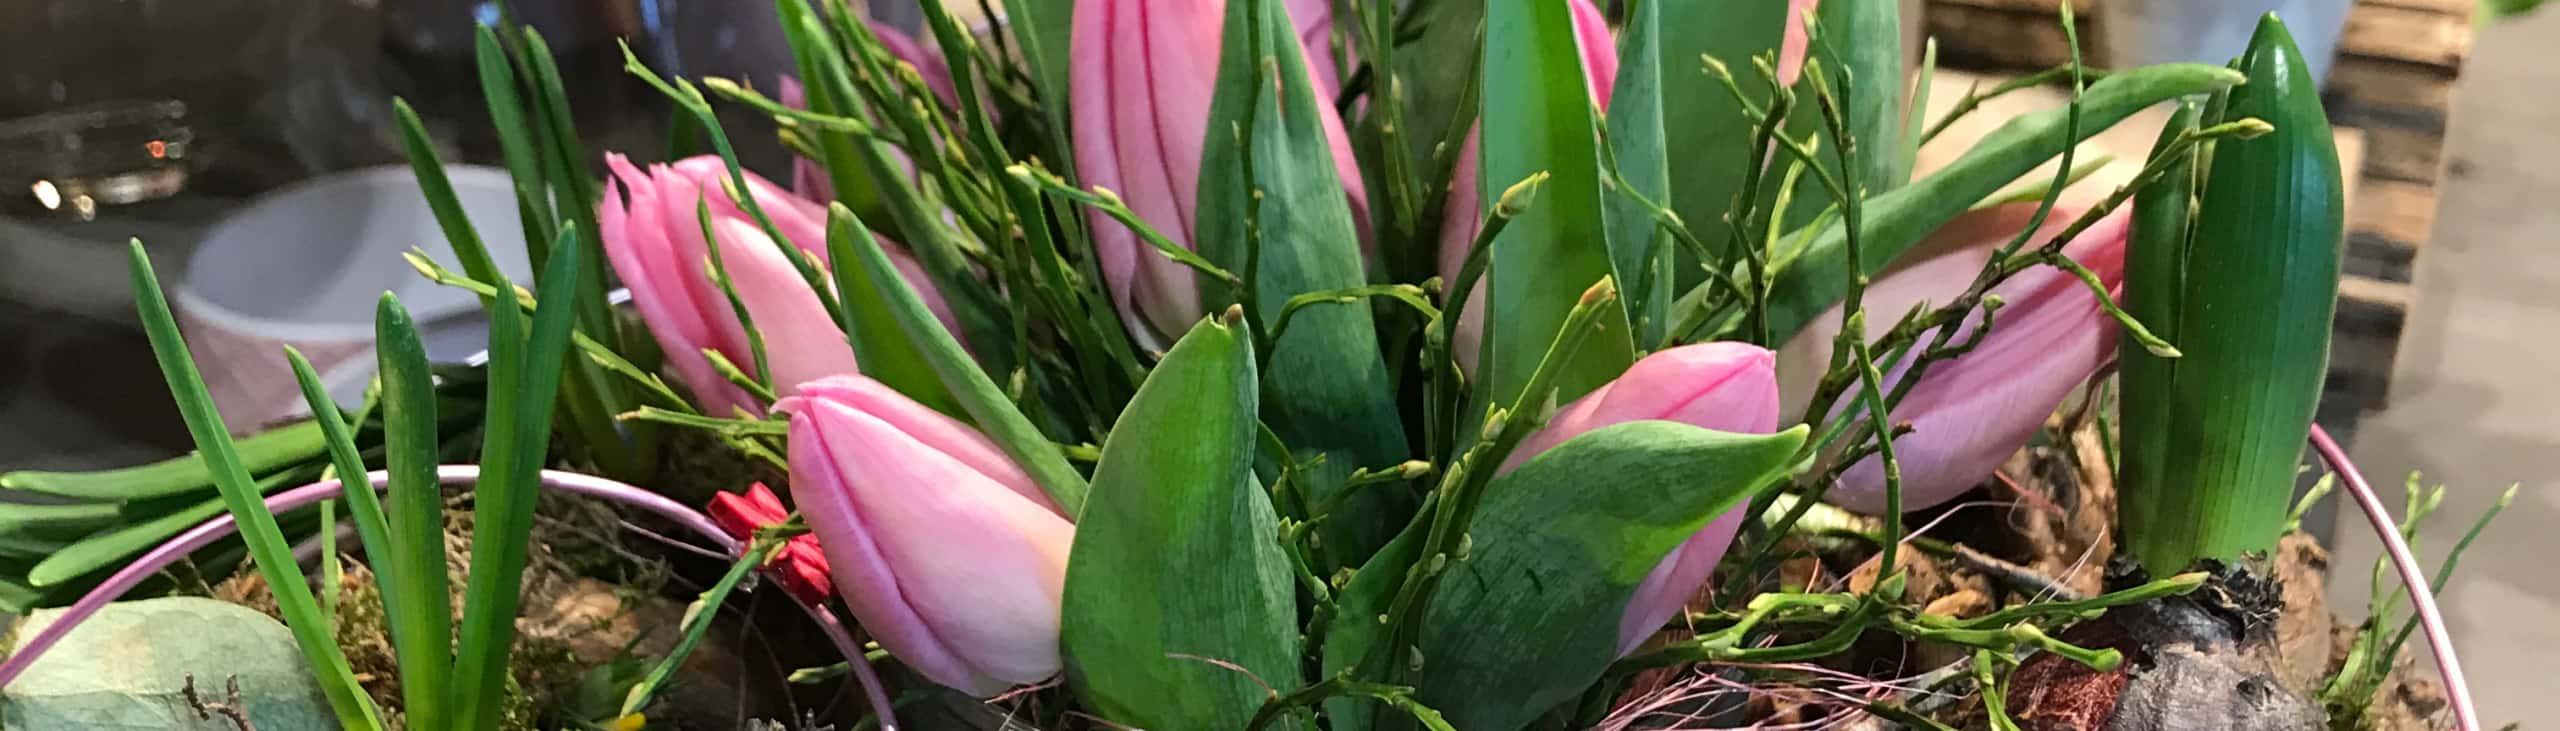 Ein frühlinghaftes Gesteck mit pinken Tulpen